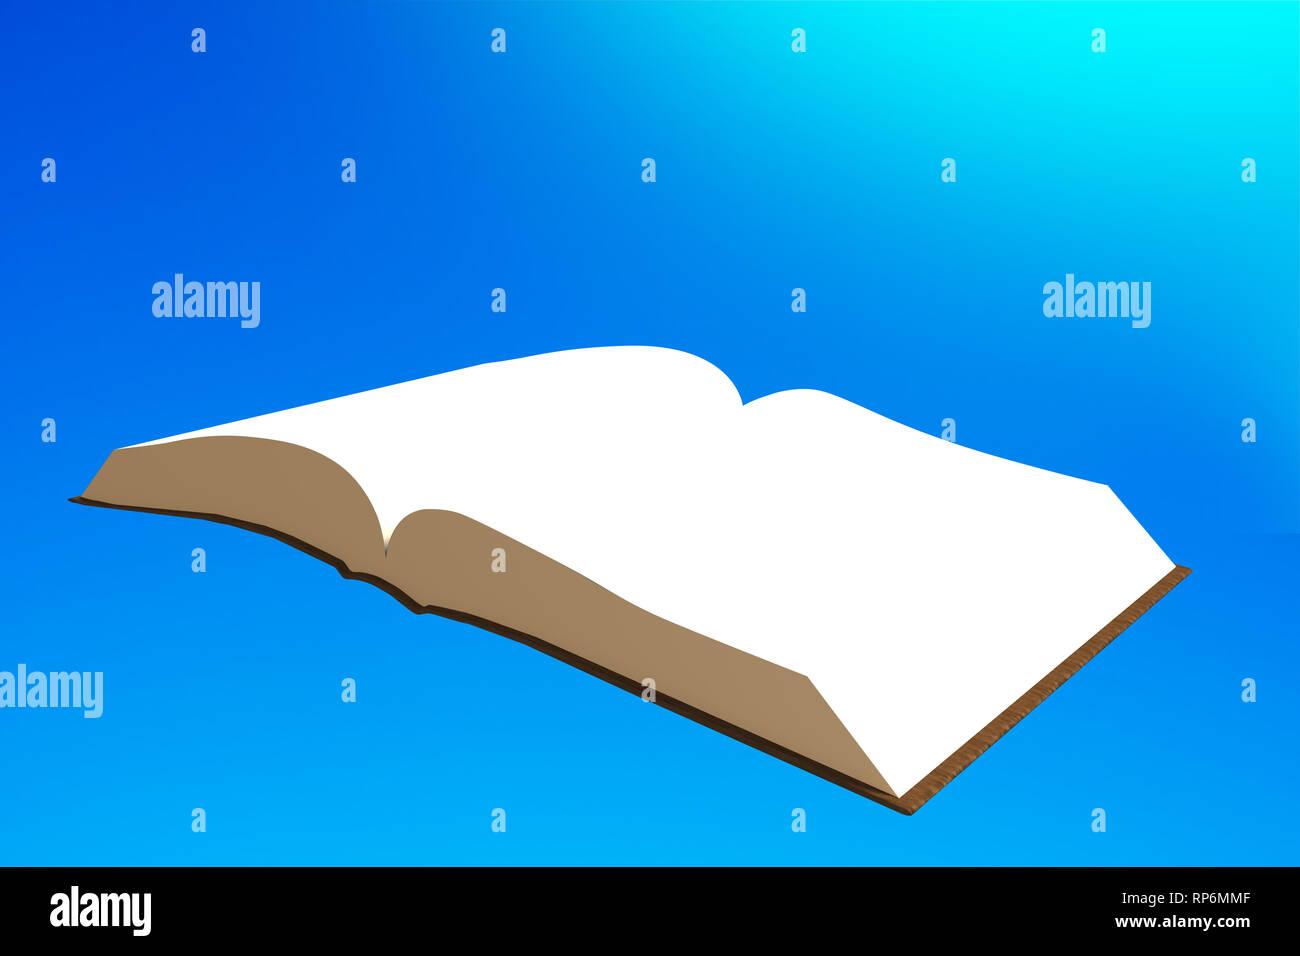 Livre Volant Dans Le Ciel Bleu 3d Illustration Banque D